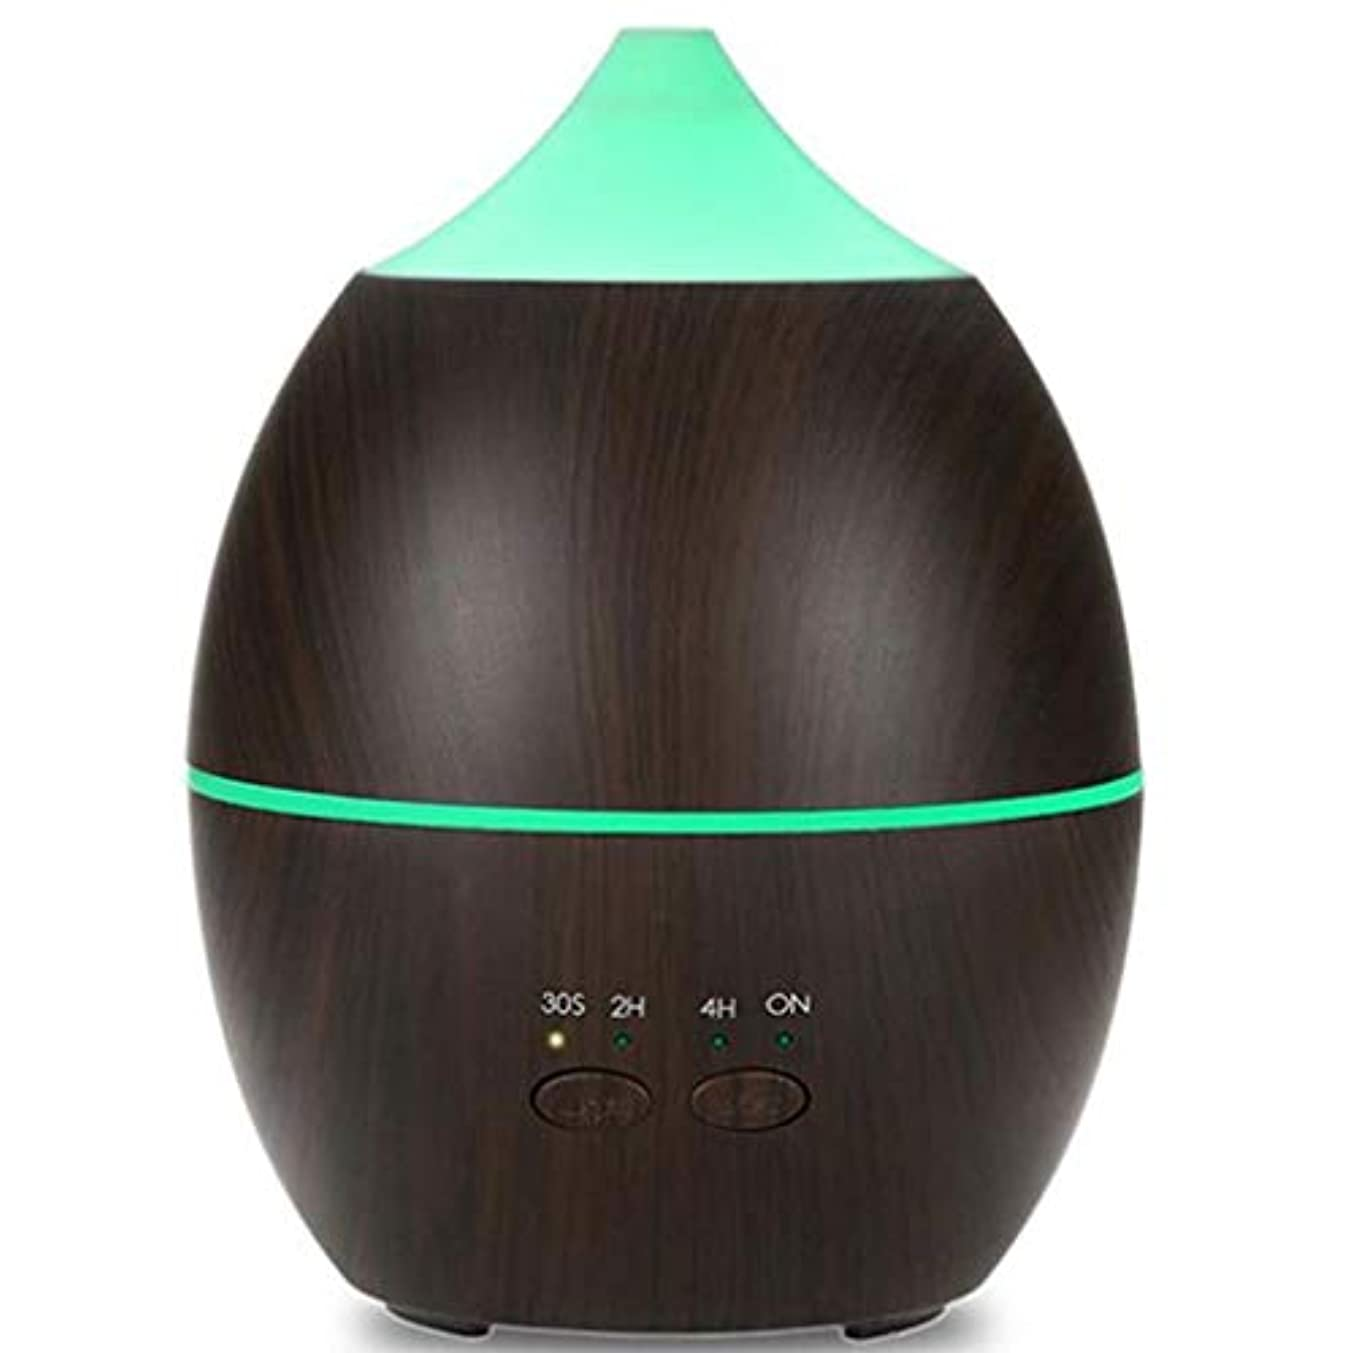 300 Mlエッセンシャルオイルディフューザーアロマディフューザーウッド穀物アロマディフューザーで7色ledライト、調節可能なミストモード用ホームオフィスヨガ